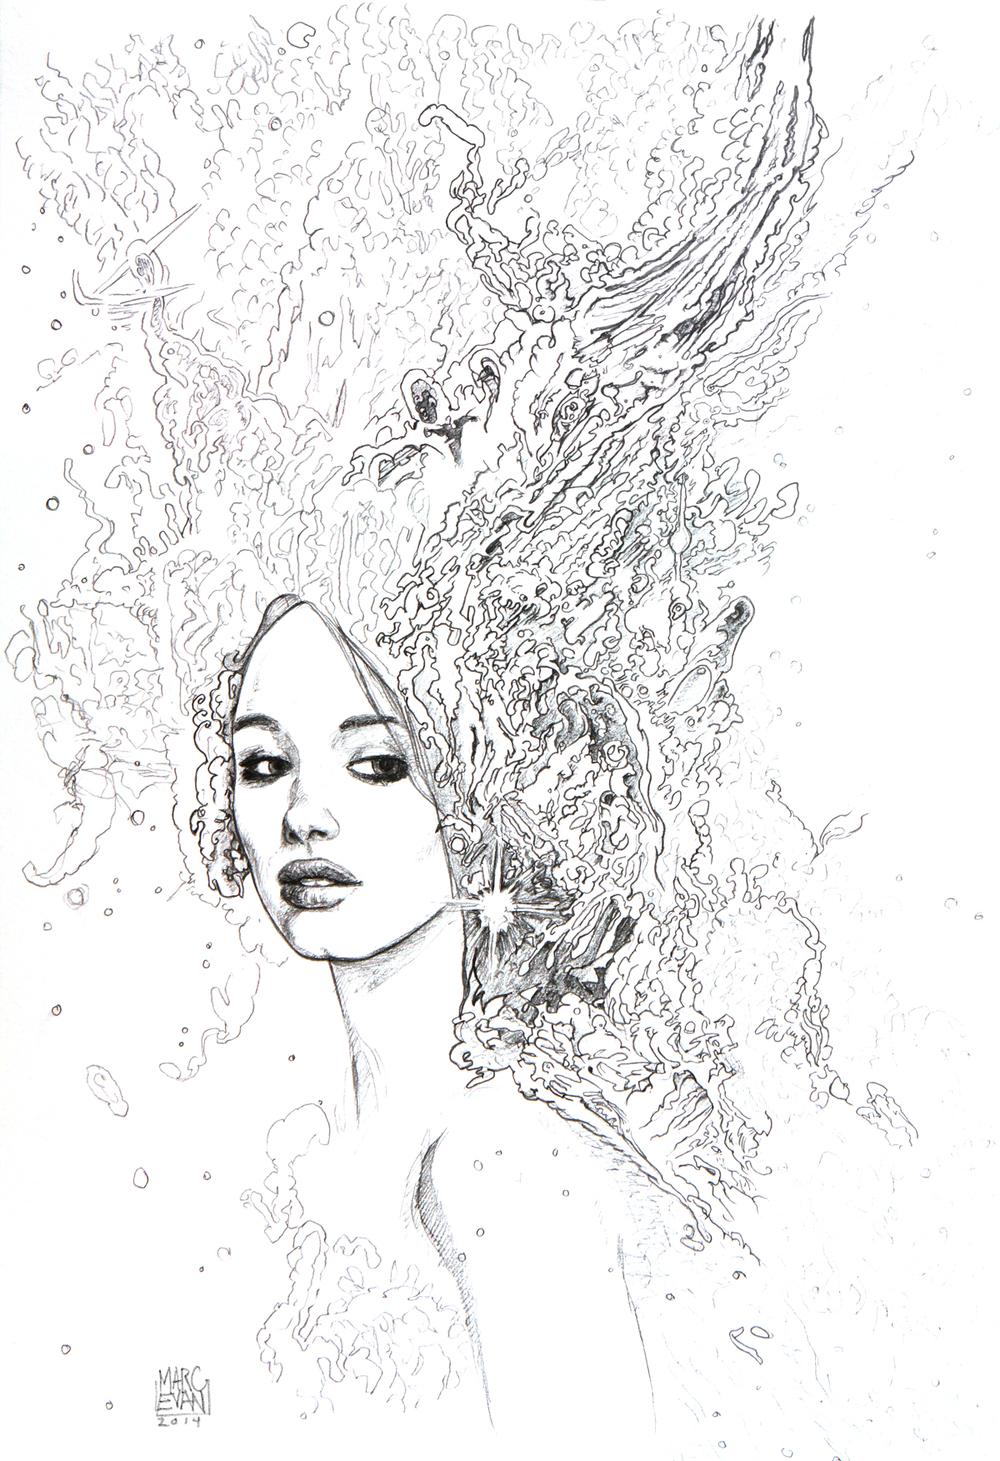 cosmic-girl-3.jpg